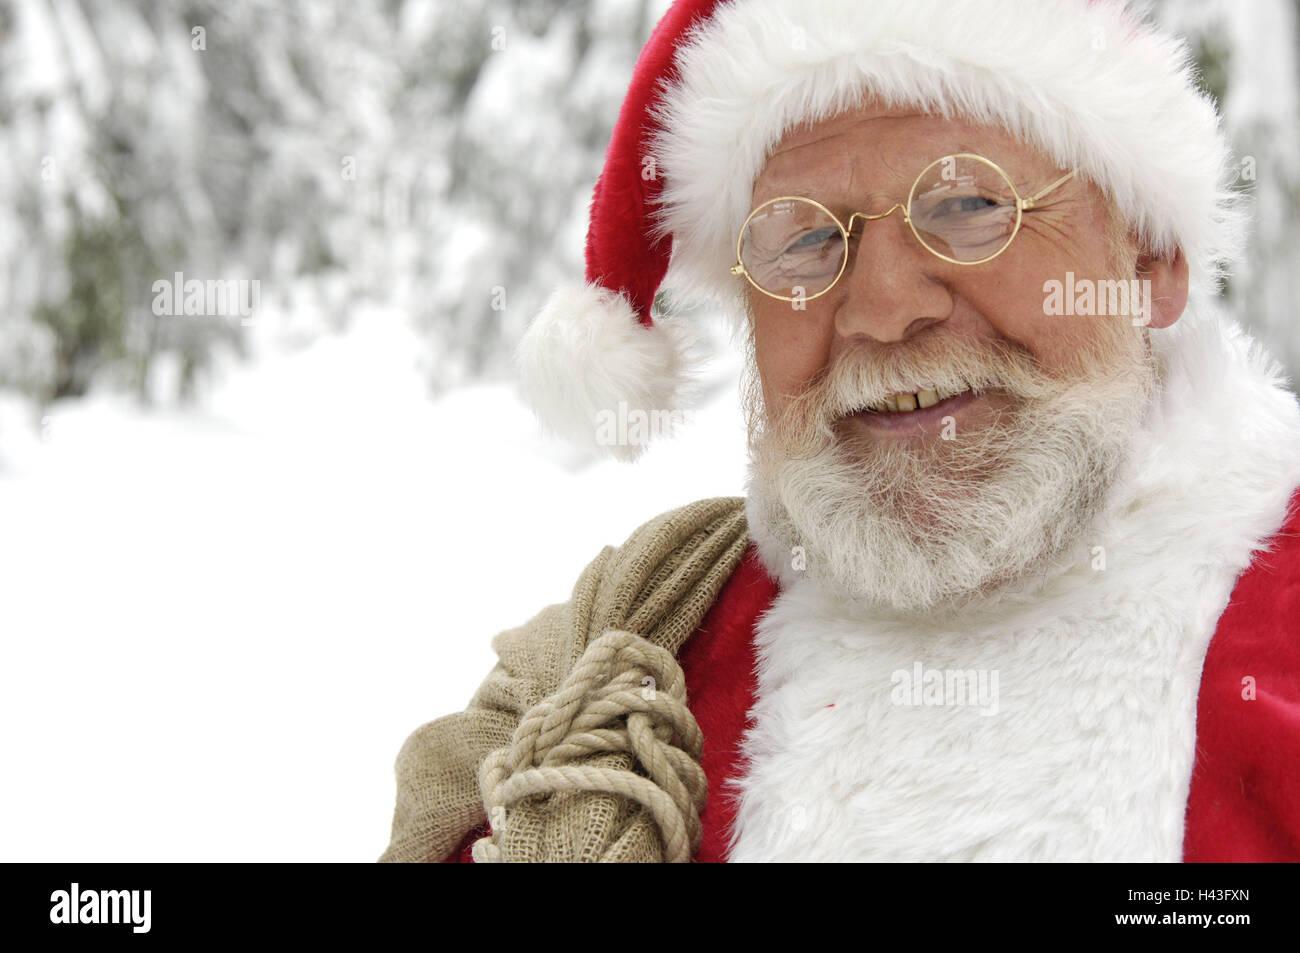 Santa Claus, Lächeln, Porträt, gewellt, Winter, draußen, Weihnachten ...